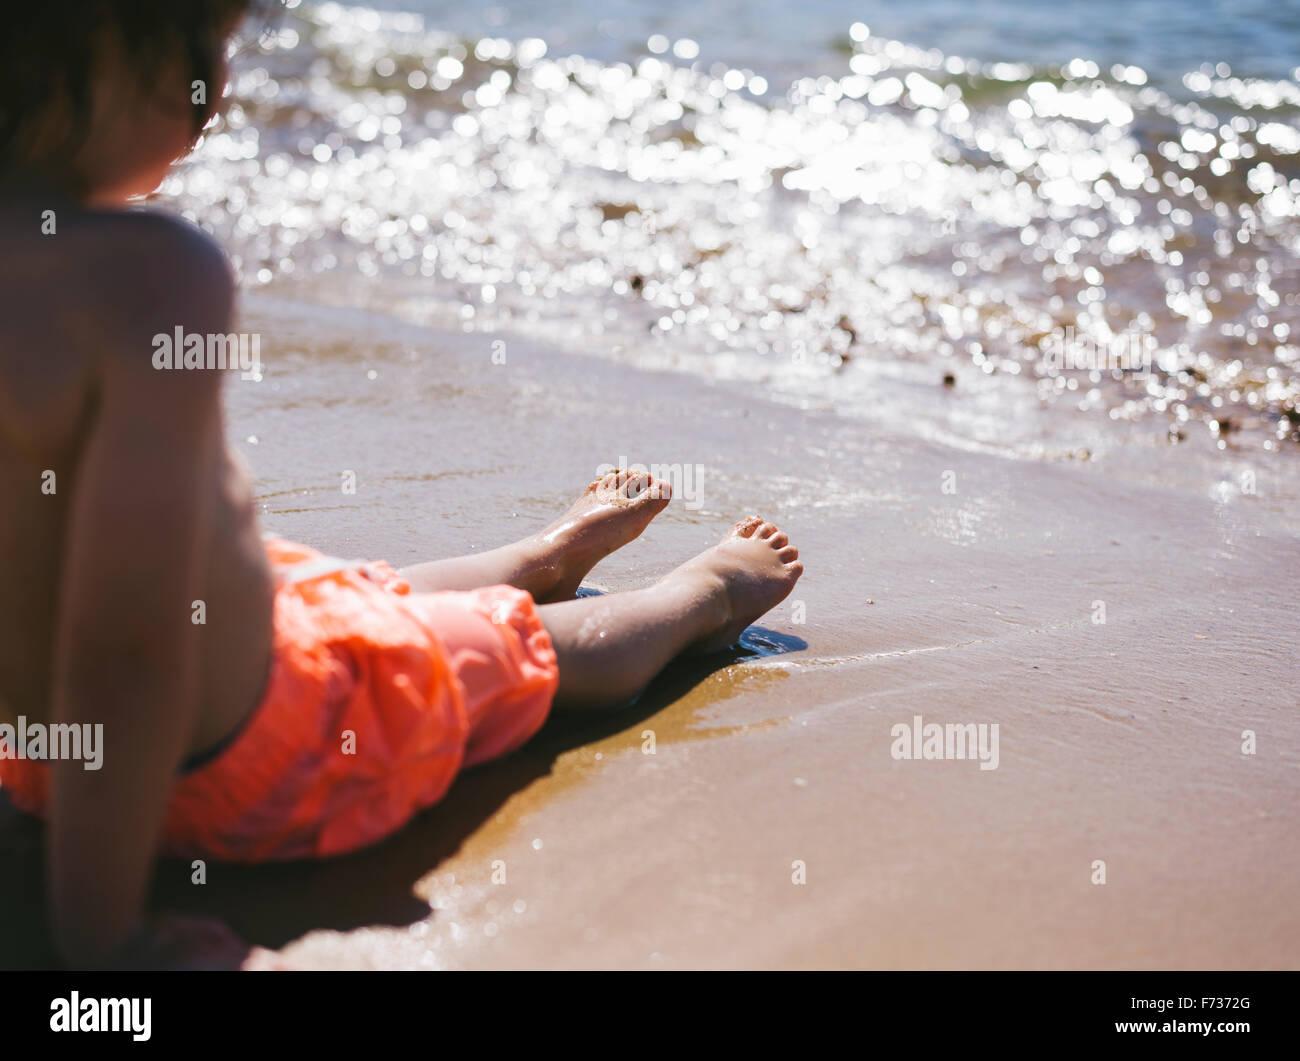 Un muchacho sentado en la arena en el borde del agua, mirando las olas llegar a la playa. Imagen De Stock